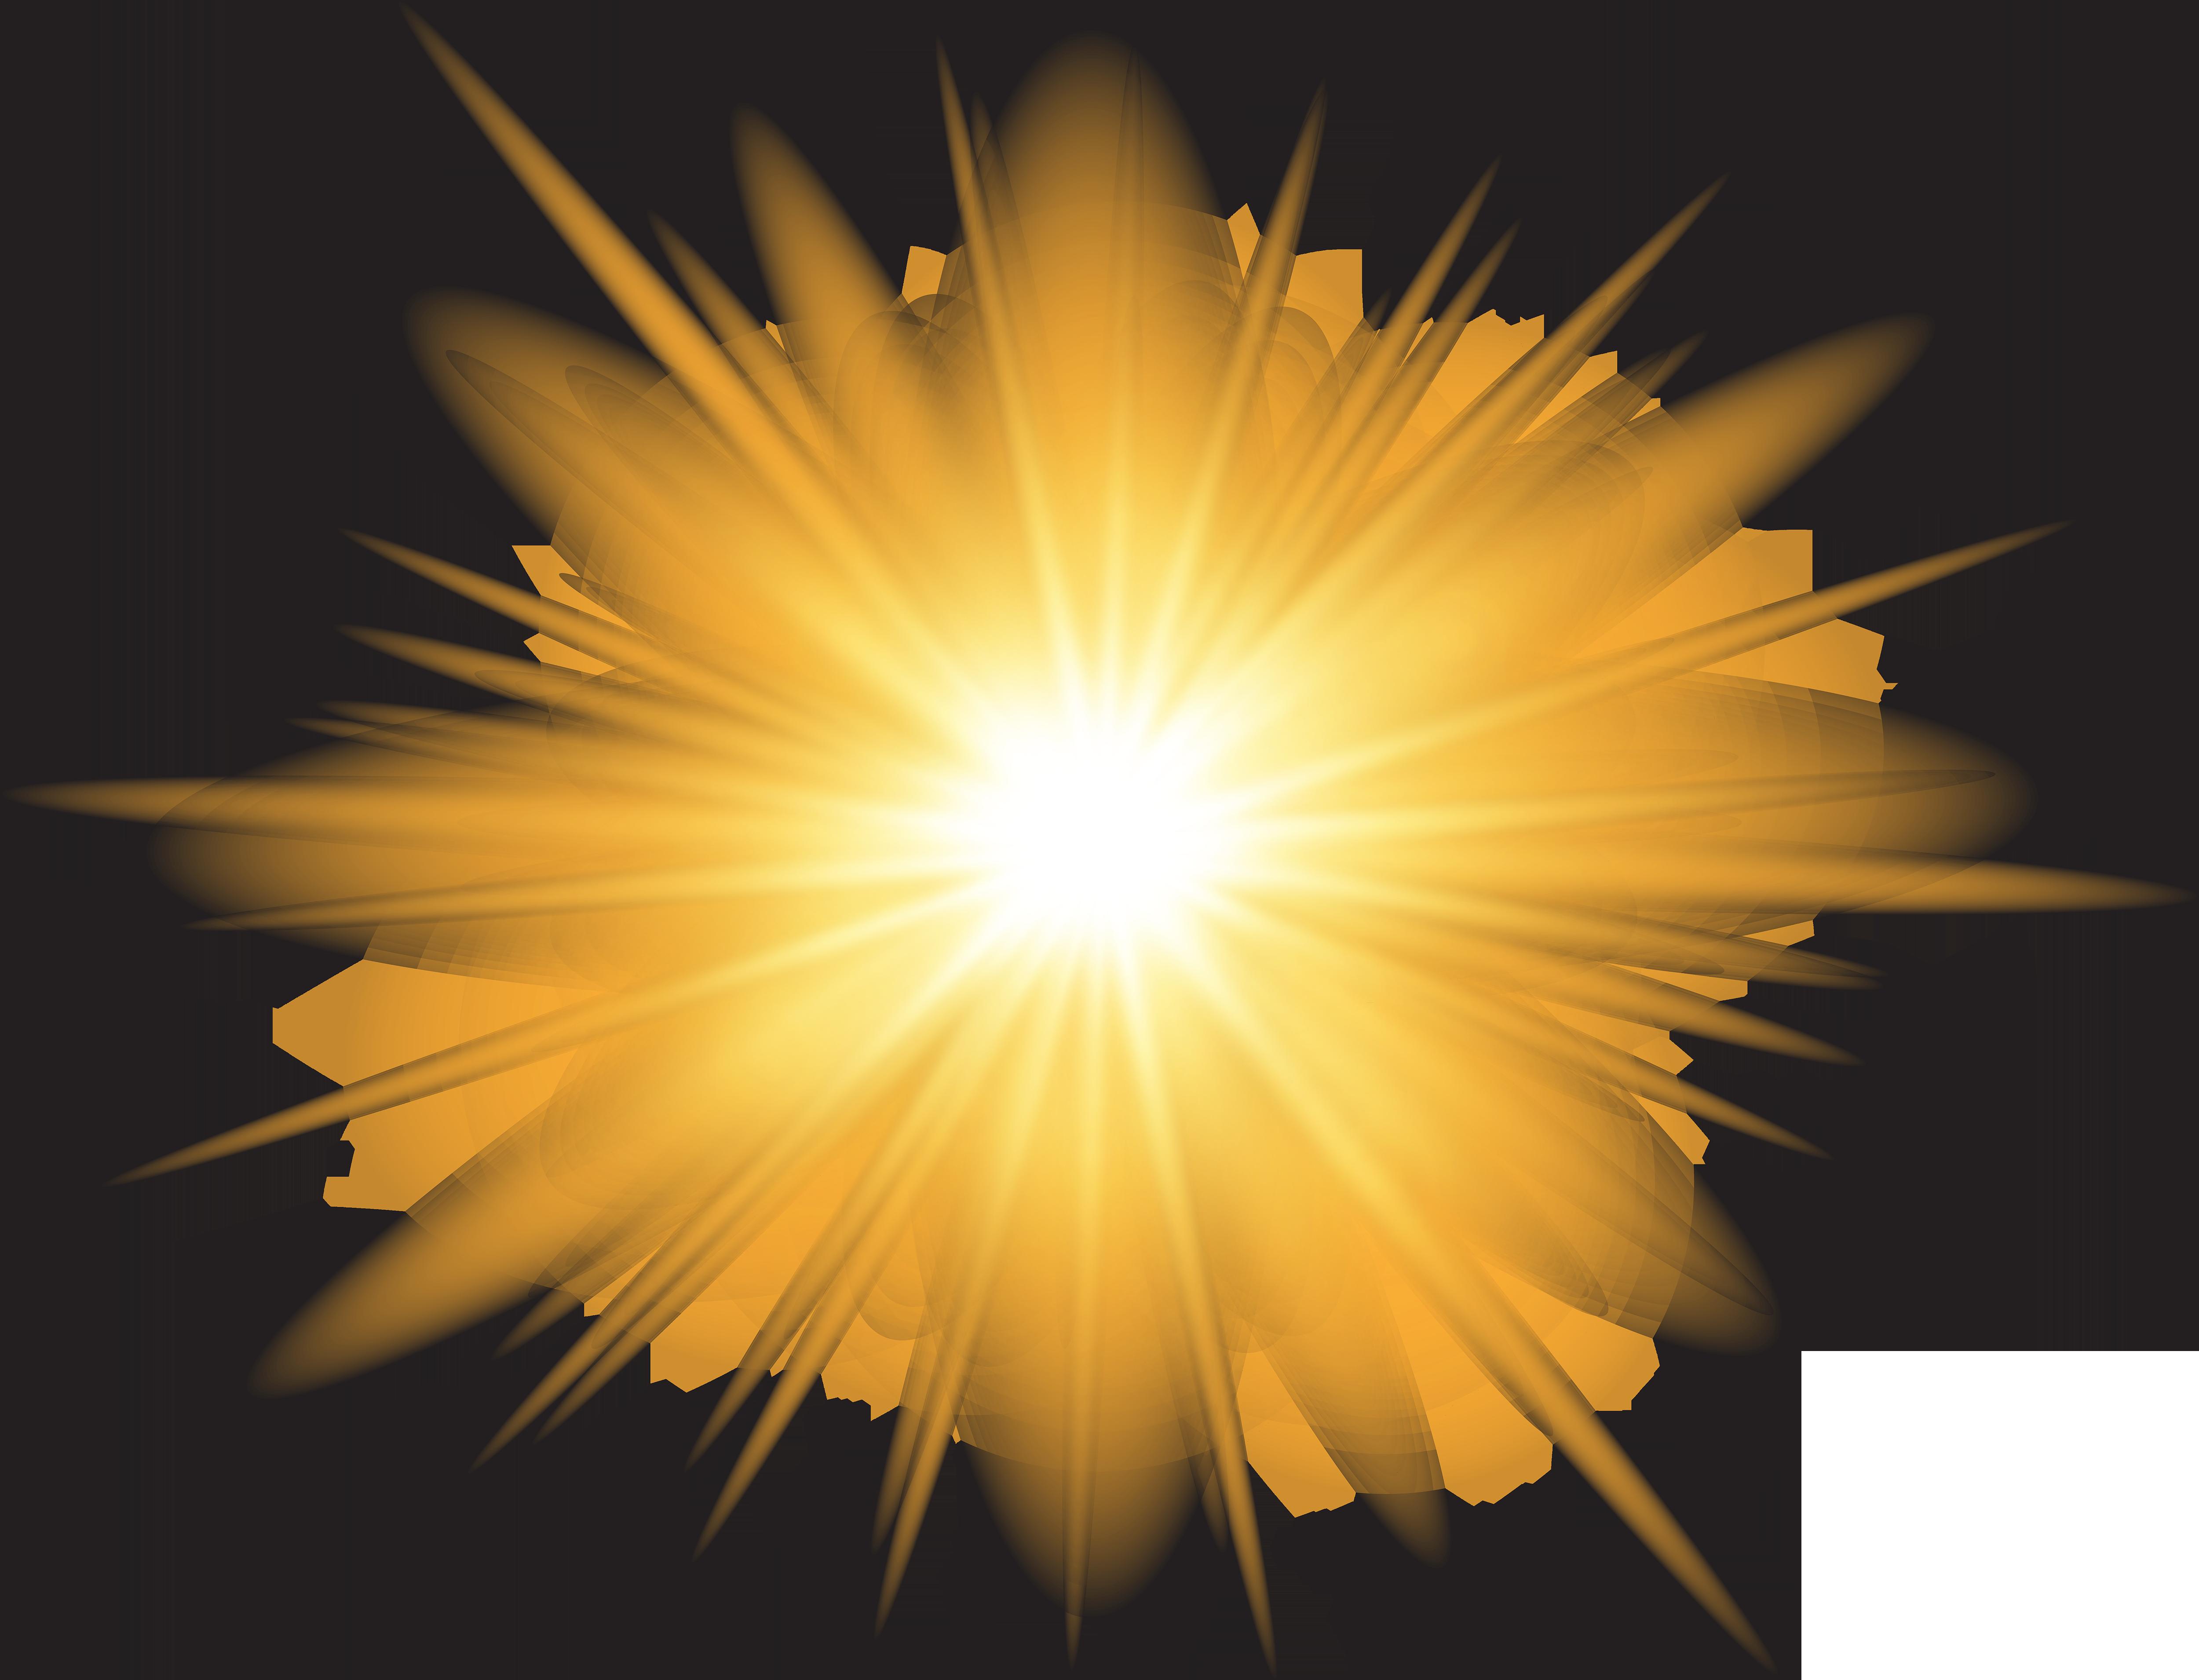 Sun Effect Transparent PNG Clip Art Image.